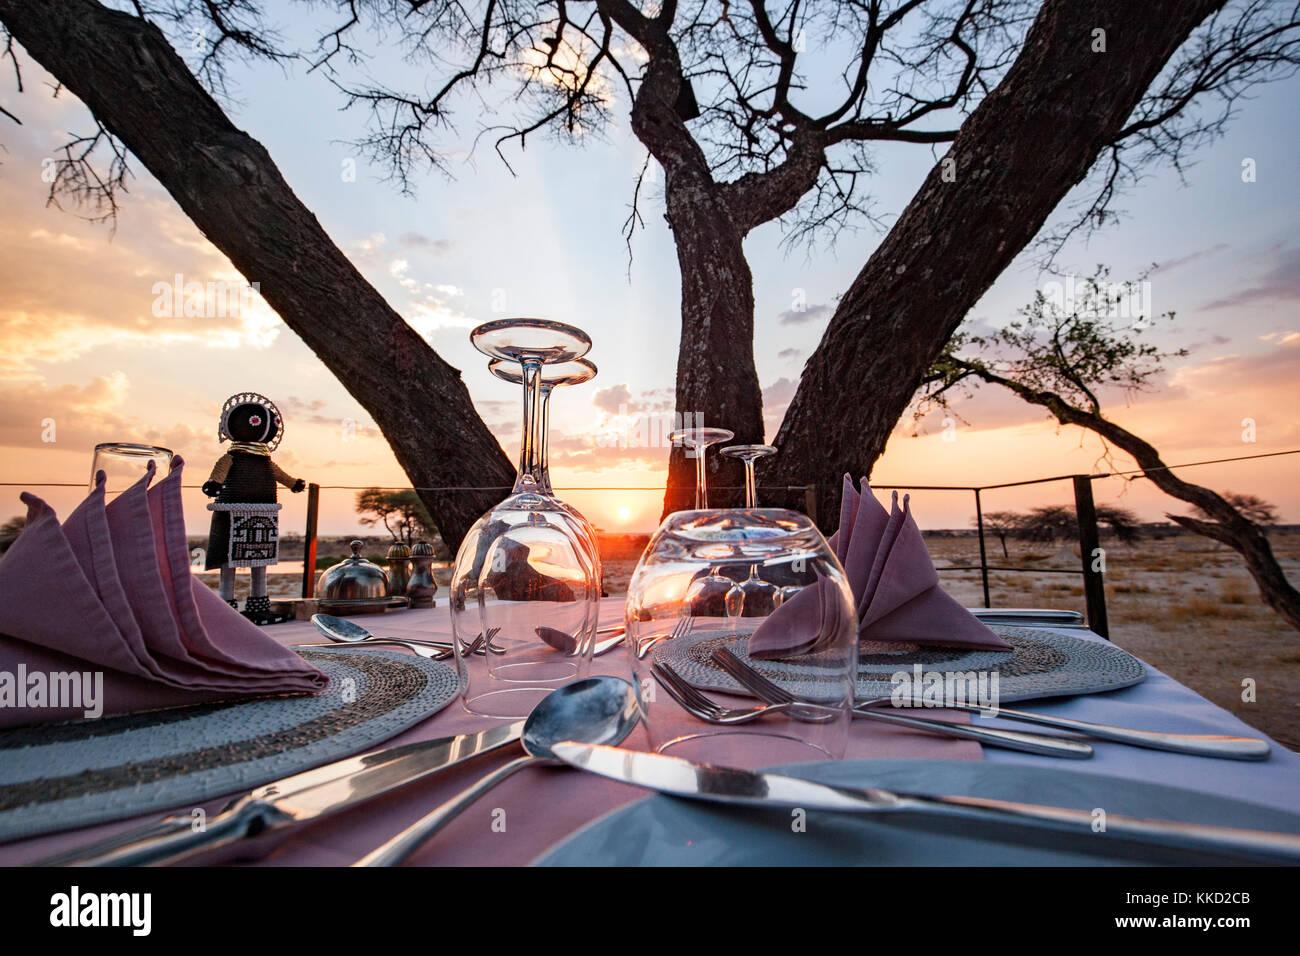 Sonnenuntergang auf Onguma The Fort, onguma Game Reserve, Namibia, Afrika Stockbild